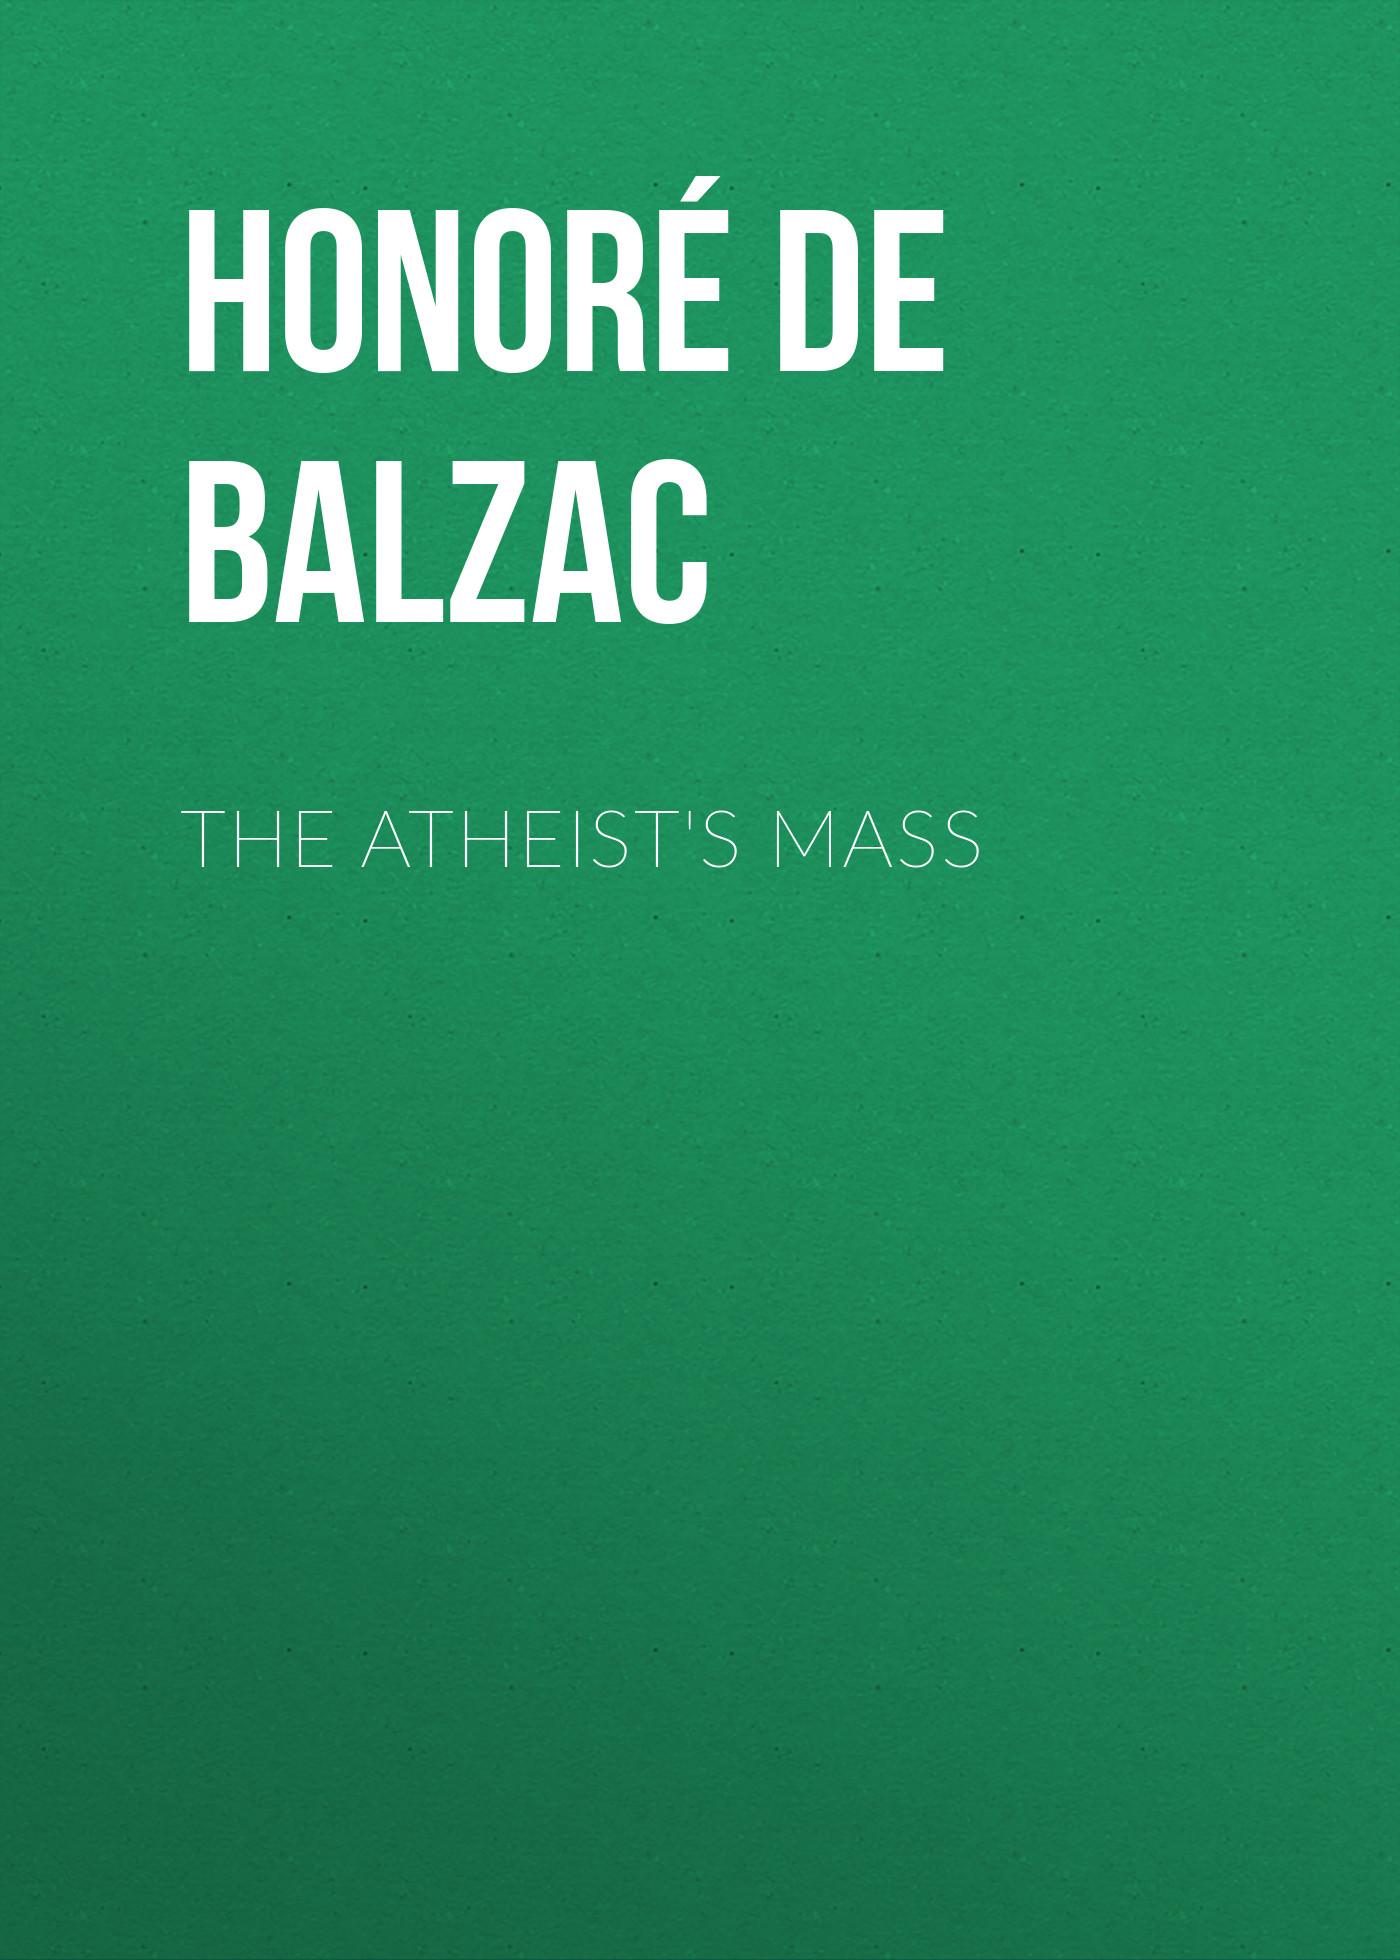 Оноре де Бальзак The Atheist's Mass оноре де бальзак the human comedy introductions and appendix